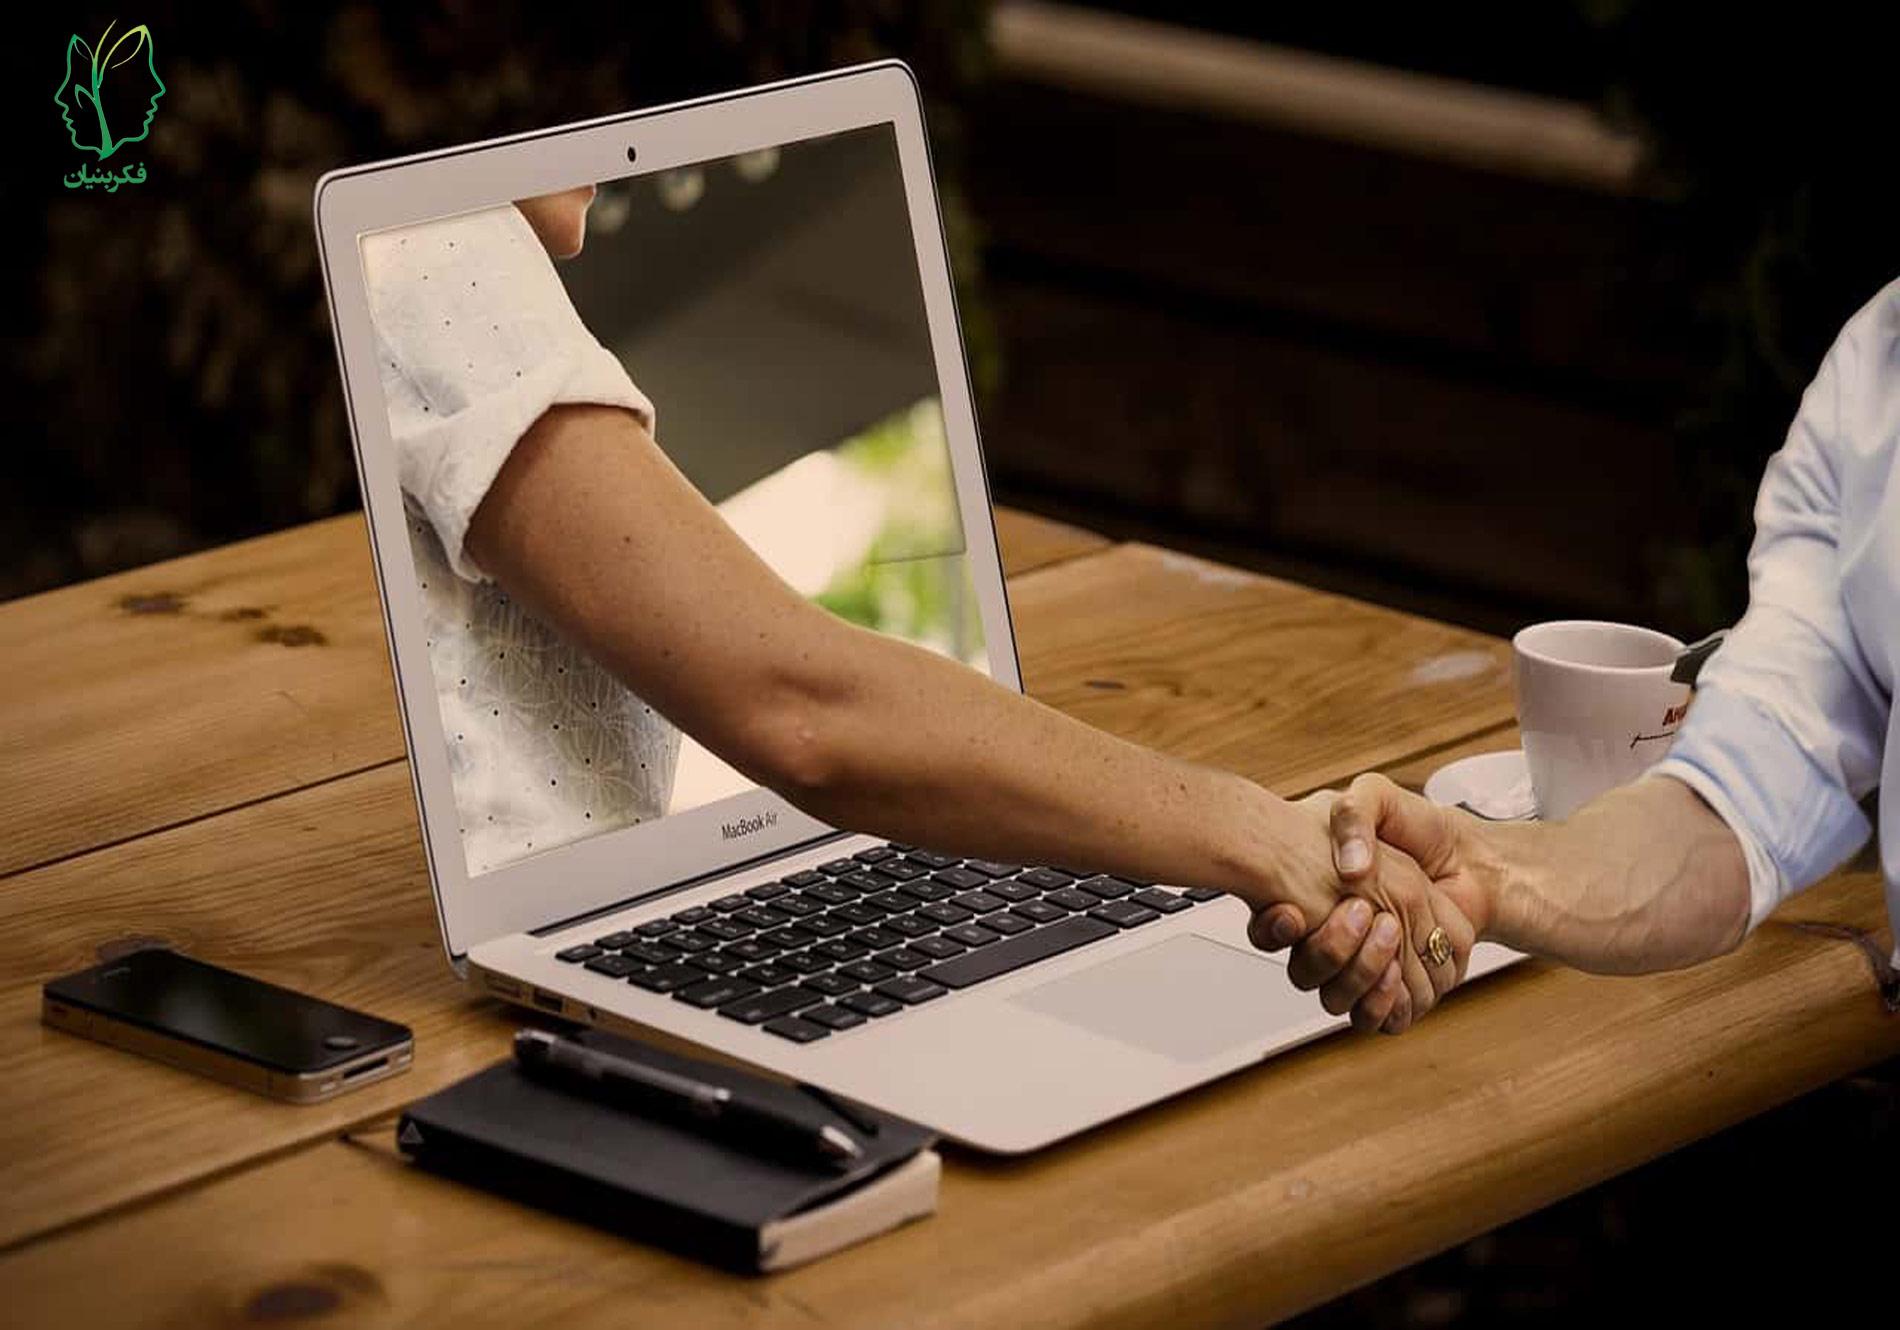 تغییر دادن نوع درمان از حضوری به آنلاین در طول شیوع ویروس کرونا